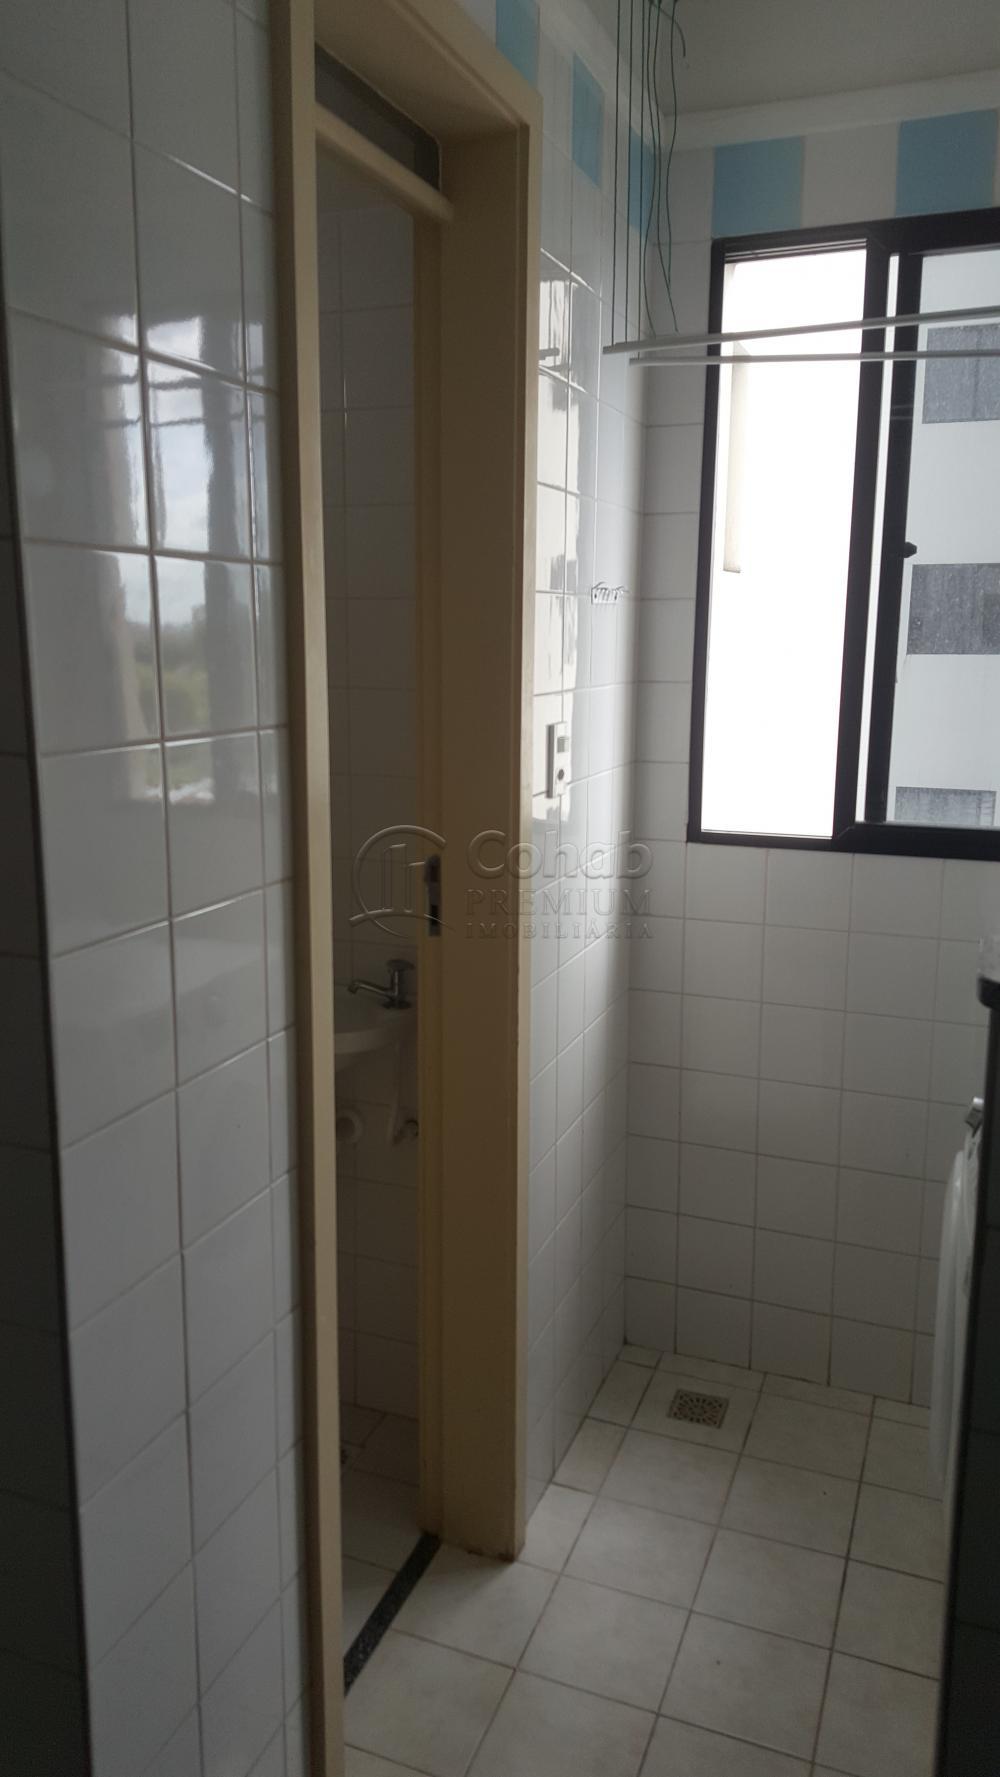 Comprar Apartamento / Padrão em Aracaju R$ 250.000,00 - Foto 16